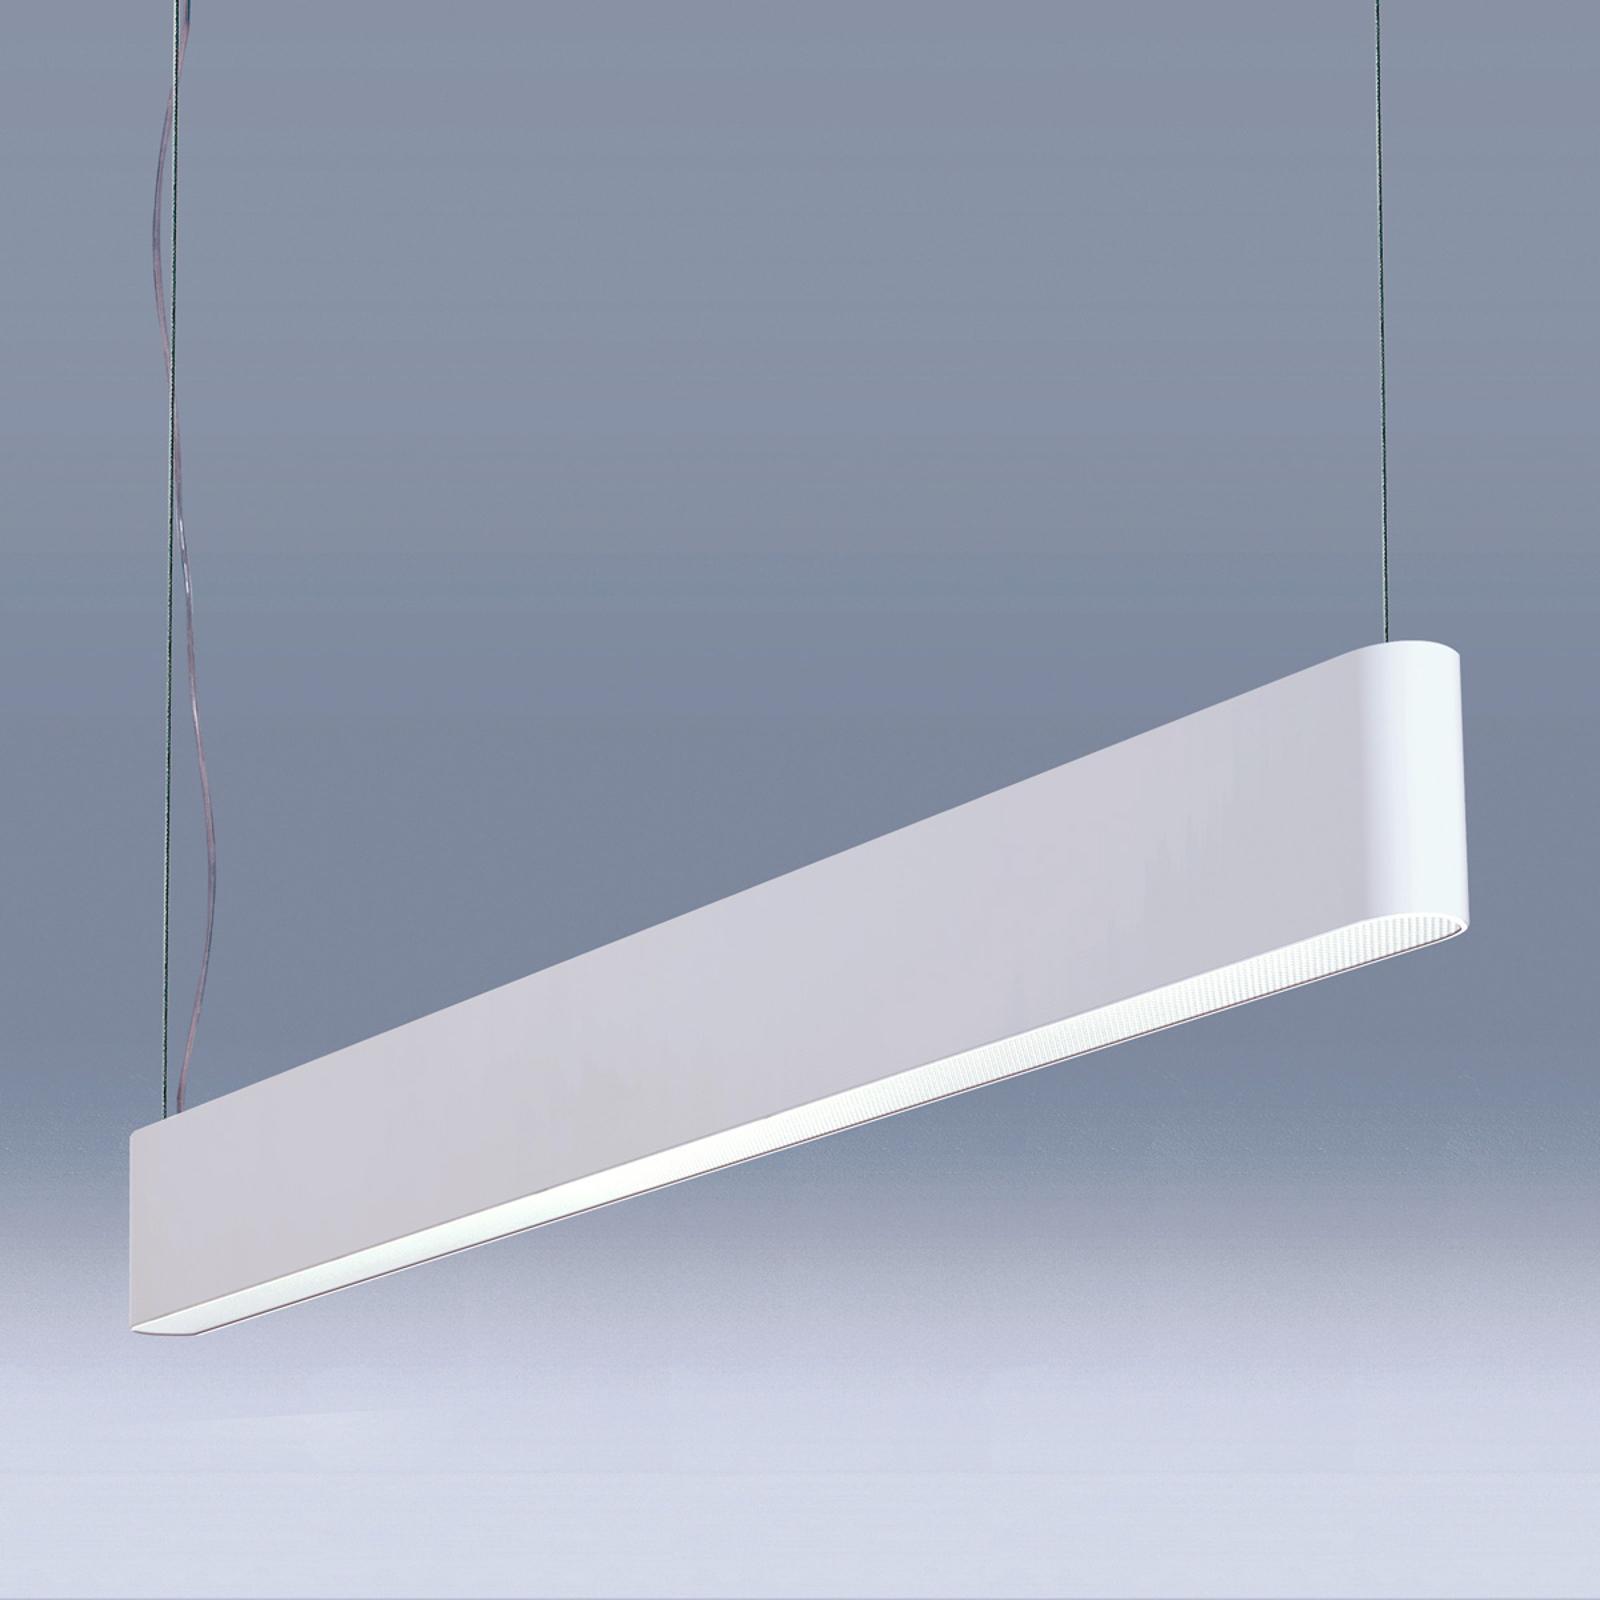 Valkoinen LED-riippuvalaisin Caleo-P4 - 89 cm 48 W